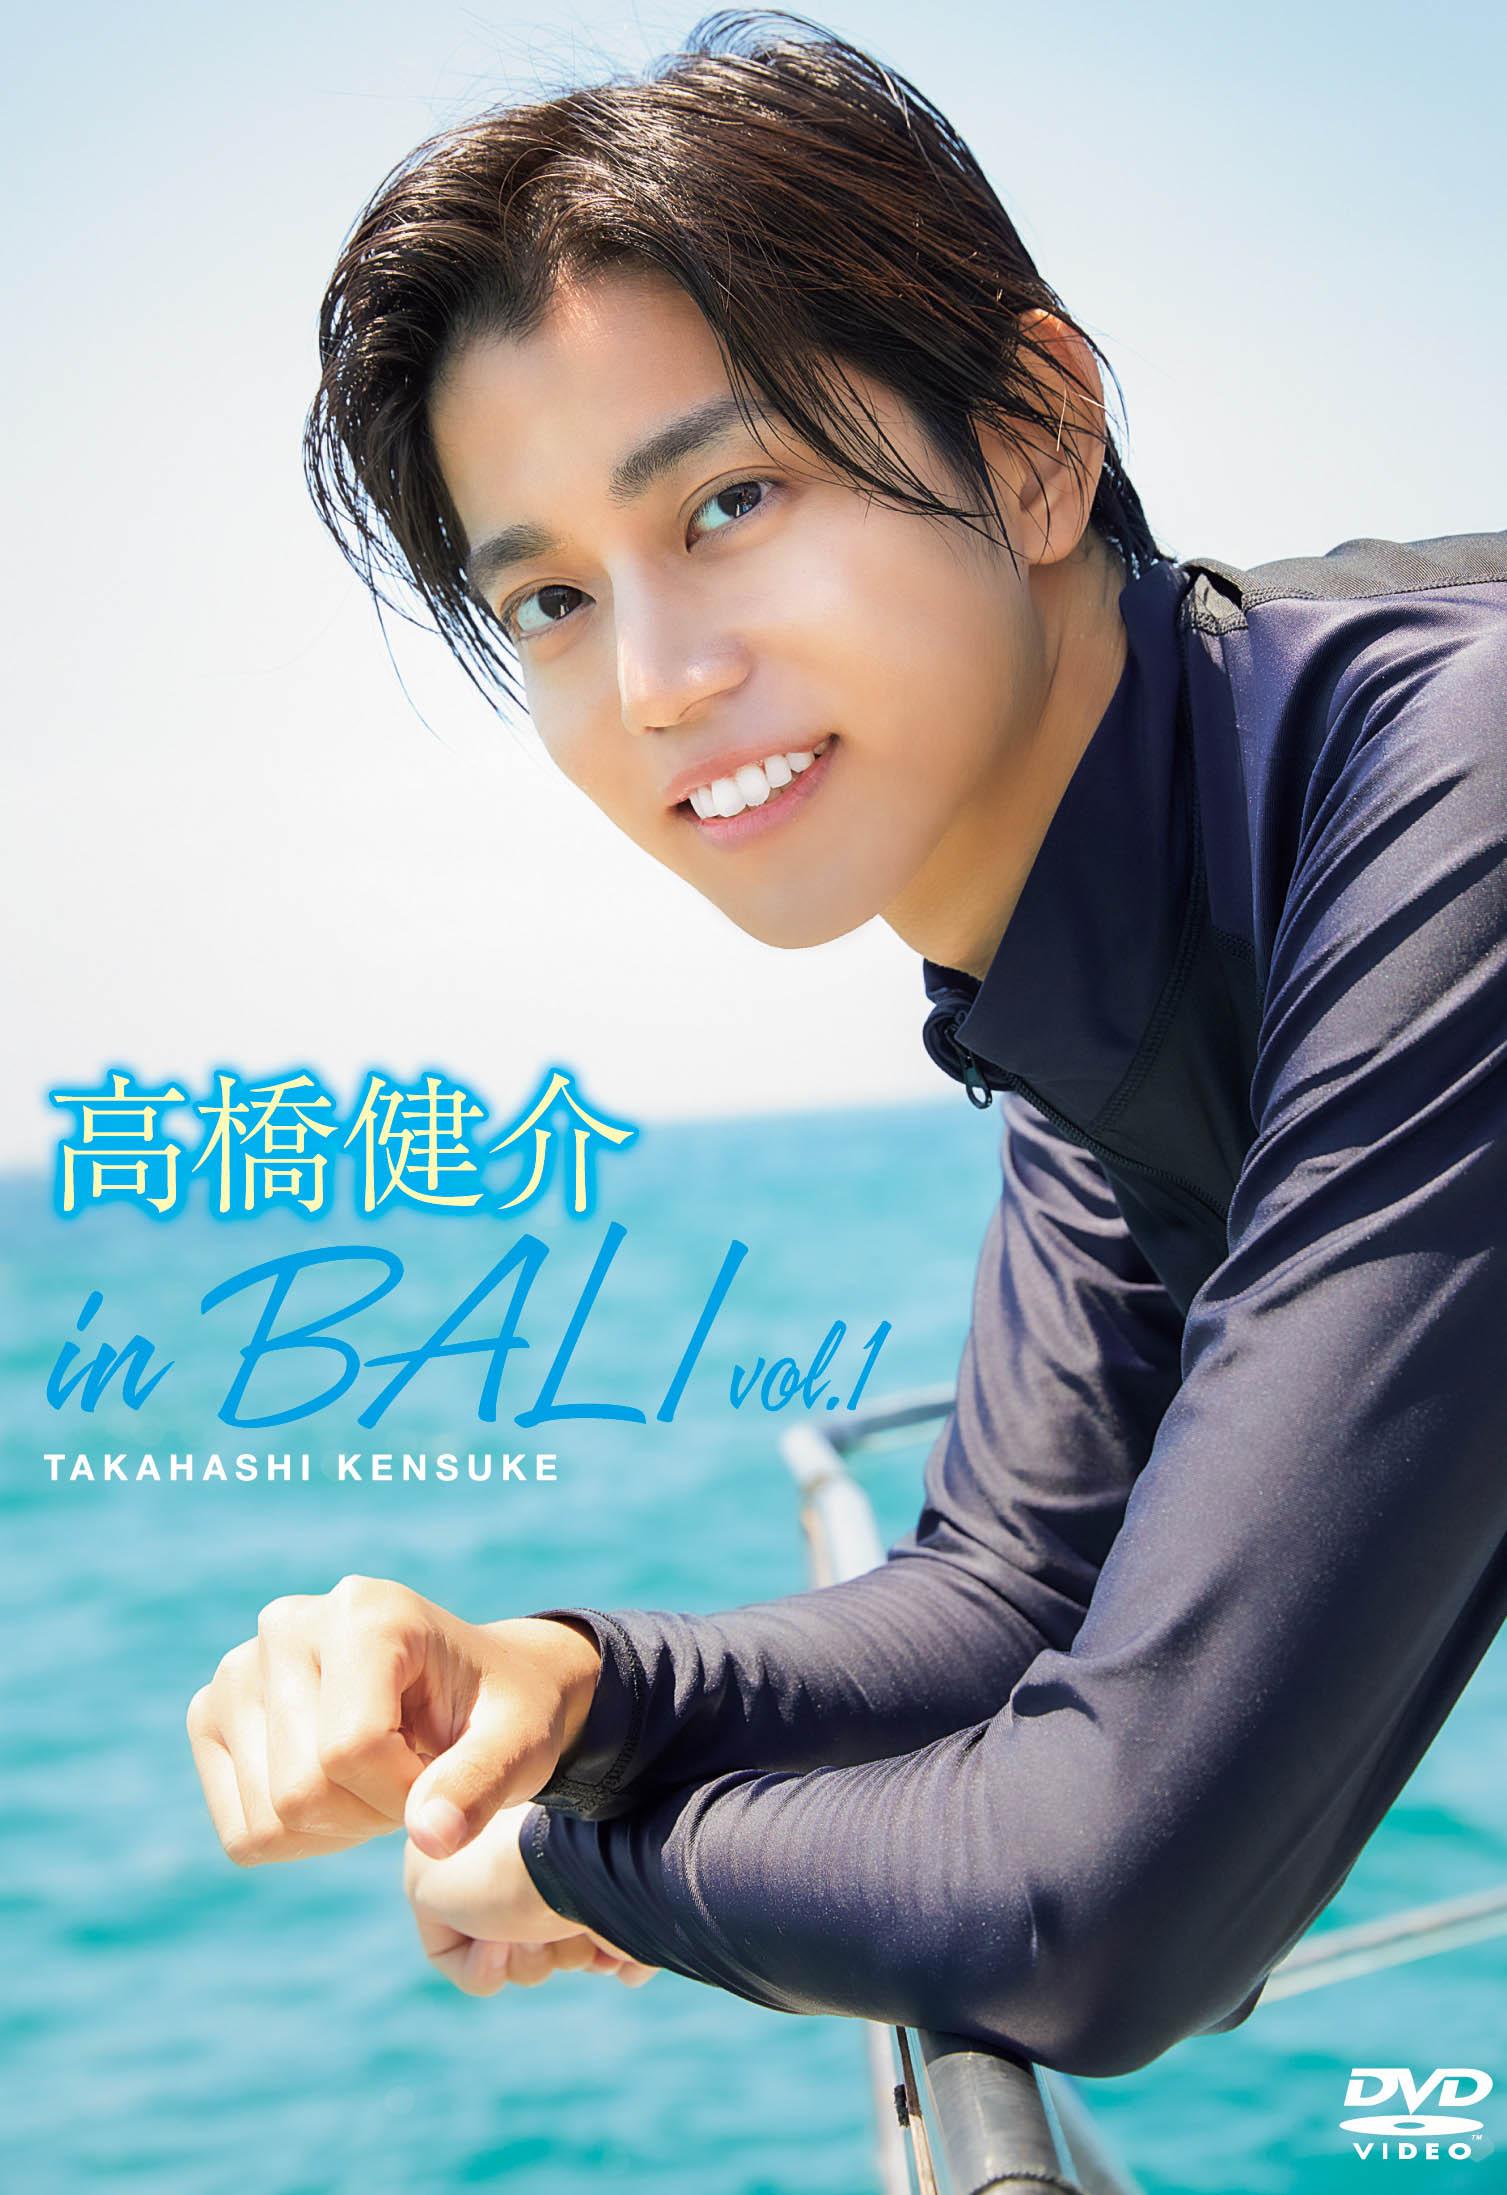 高橋健介 in BALI vol.1